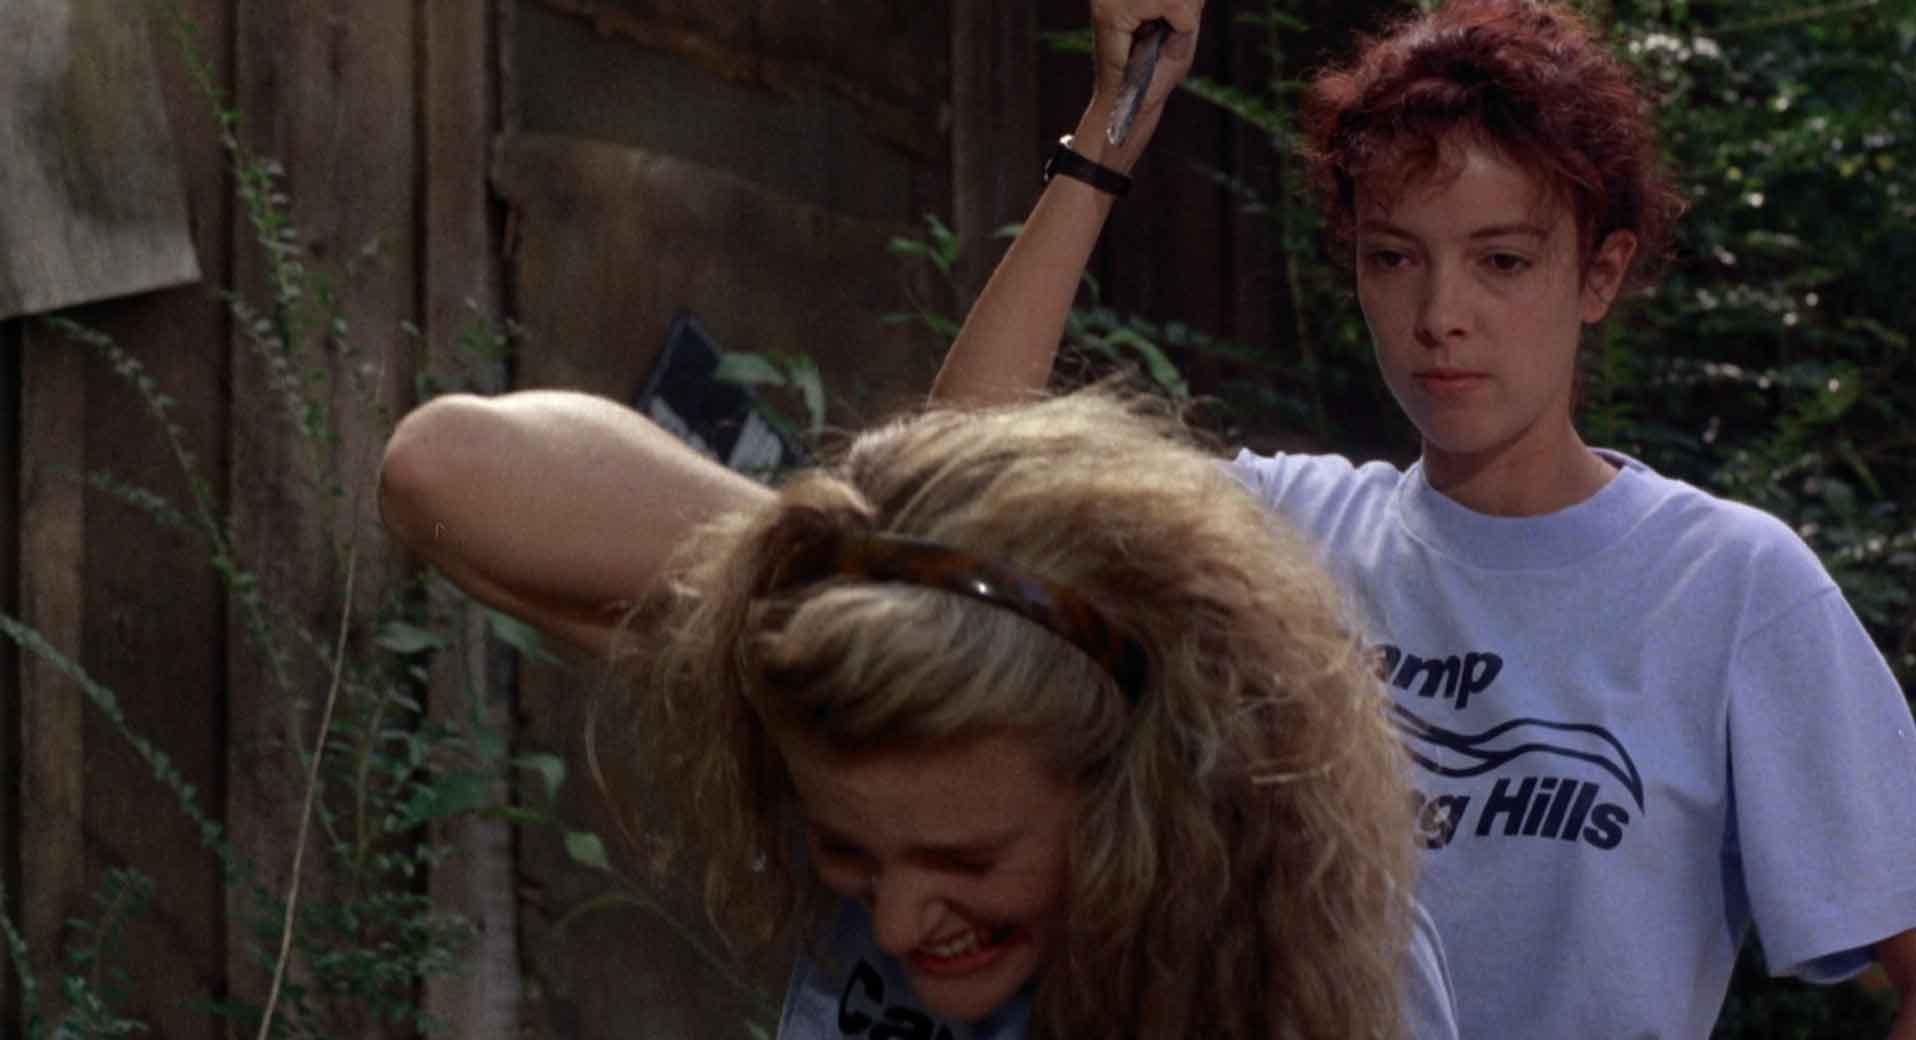 Valerie Hartman and Pamela Springsteen in Sleepaway Camp II: Unhappy Campers